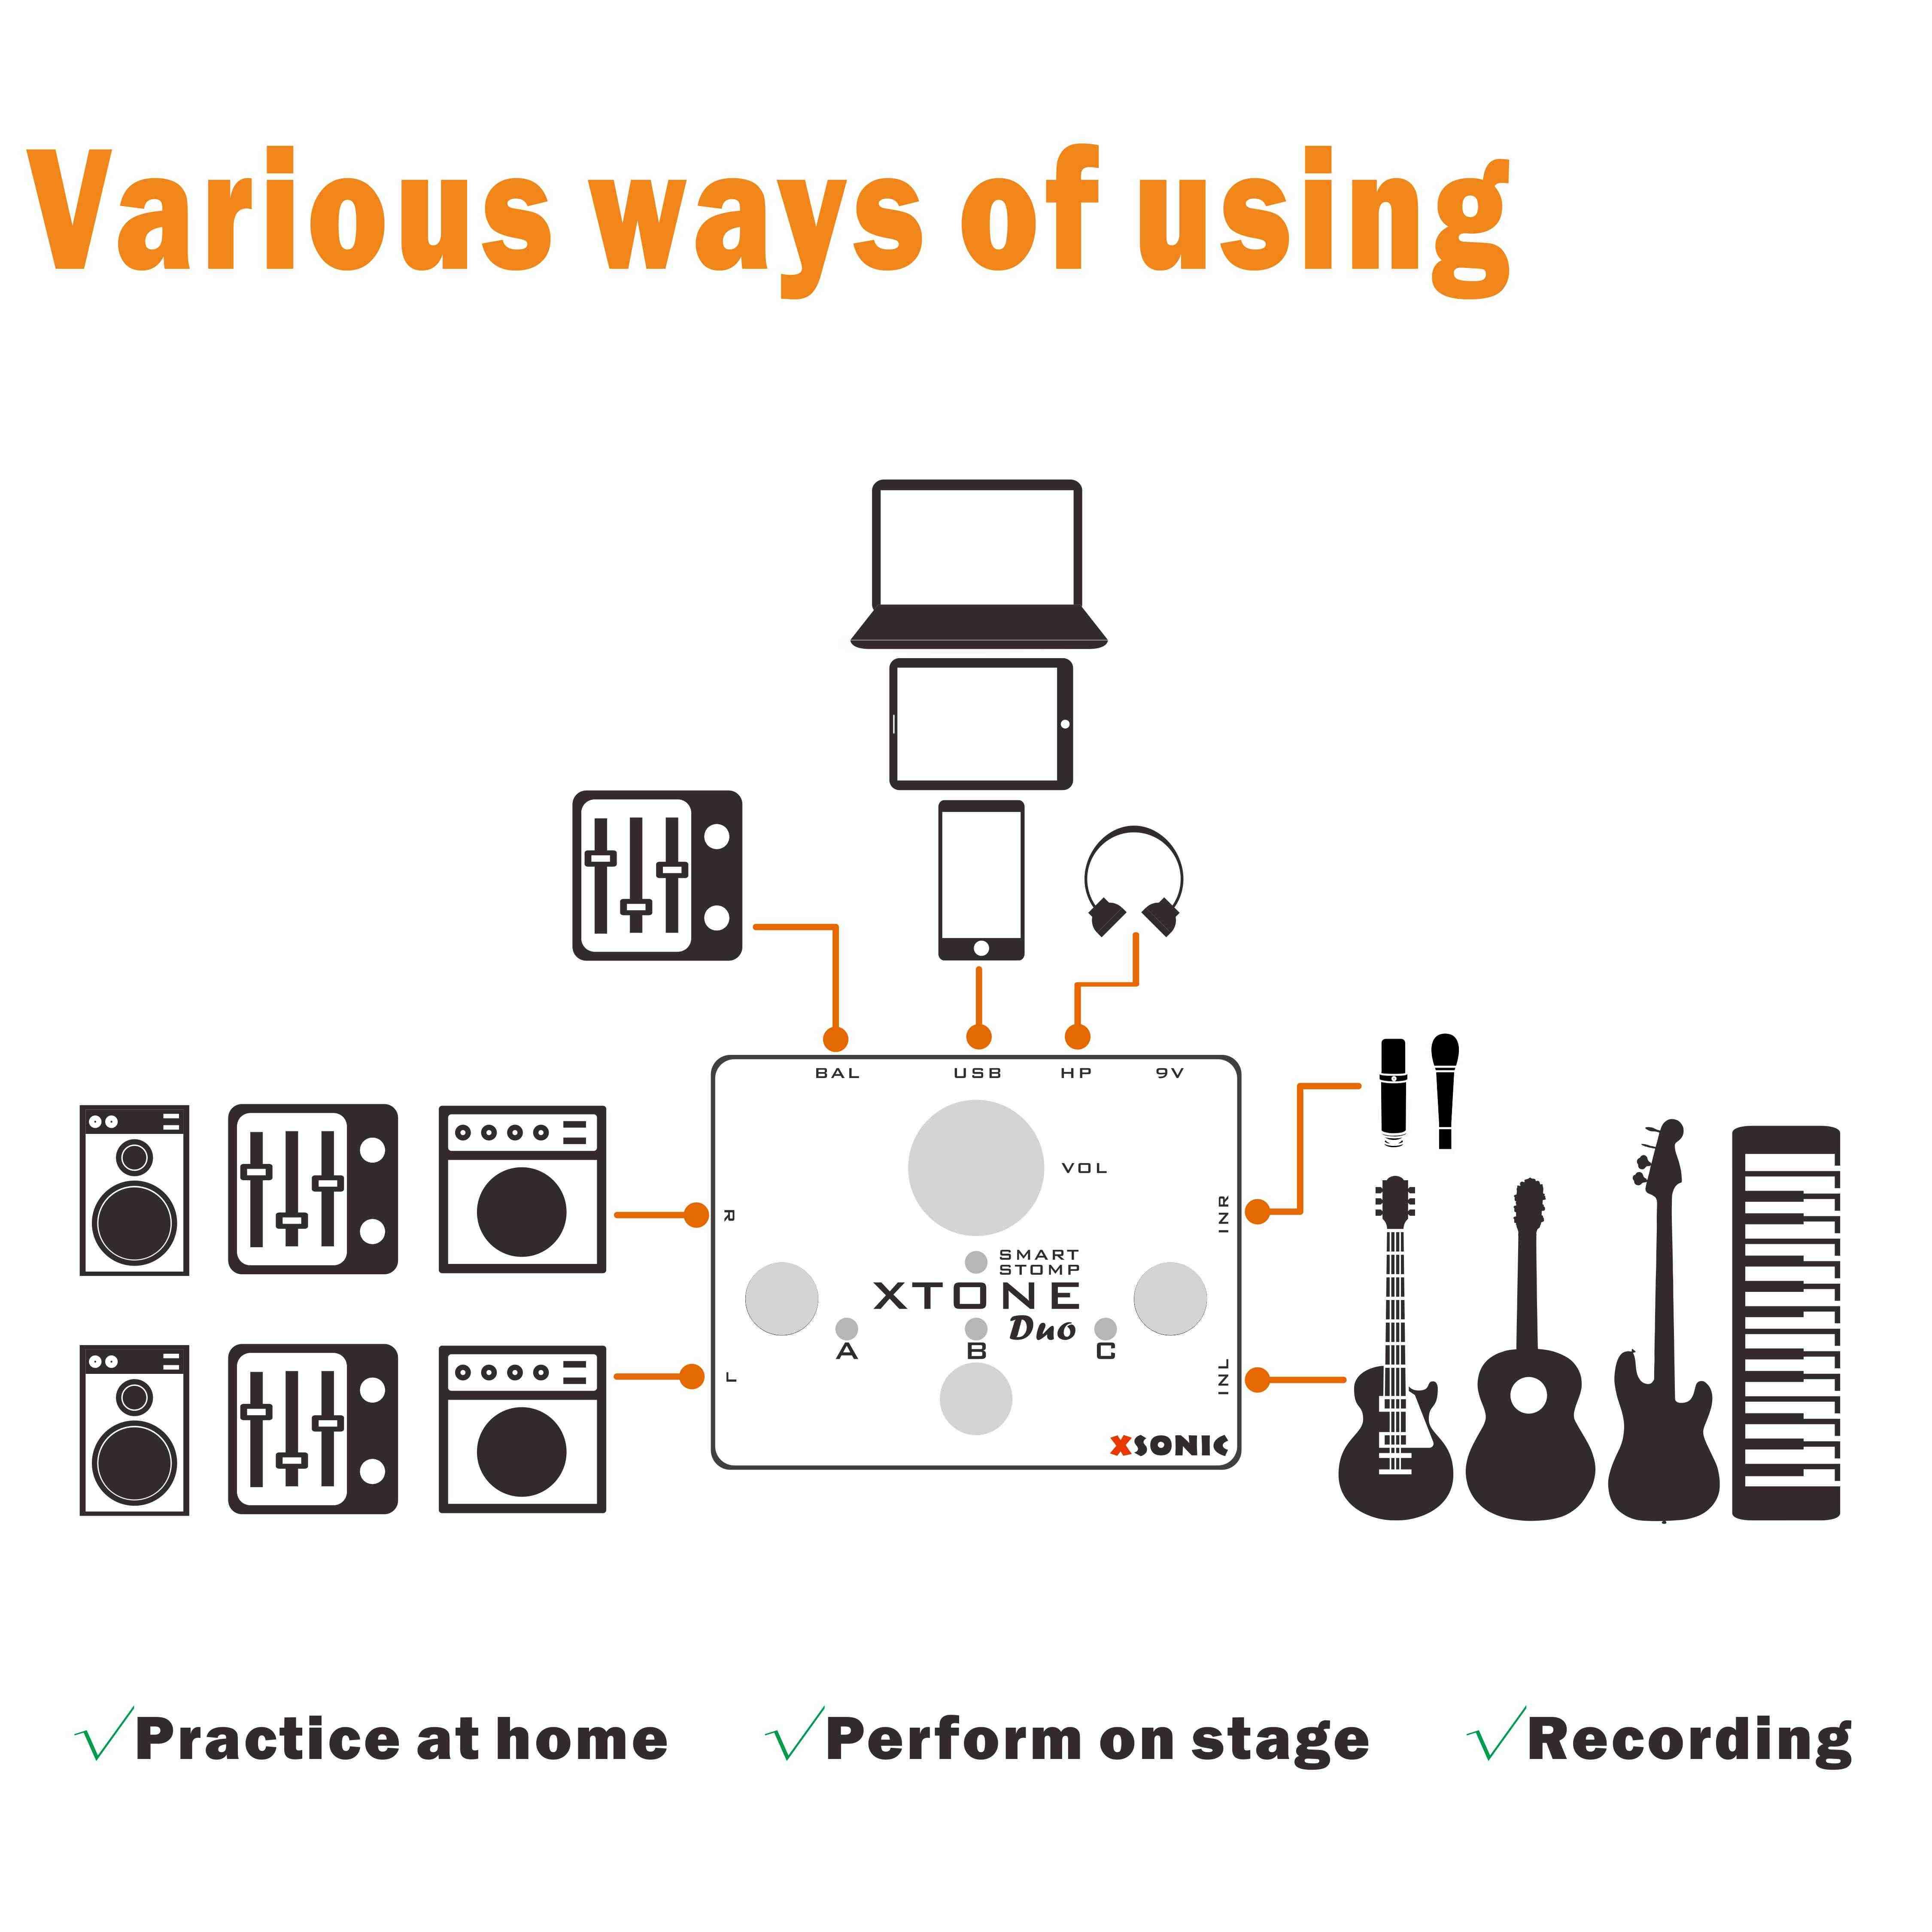 XTONE Duo – guitare Mobile 192K et Interface micro pour iphone/PC, avec commande MIDI et préampli, alimentation fantôme 48V et latence Ultra faible